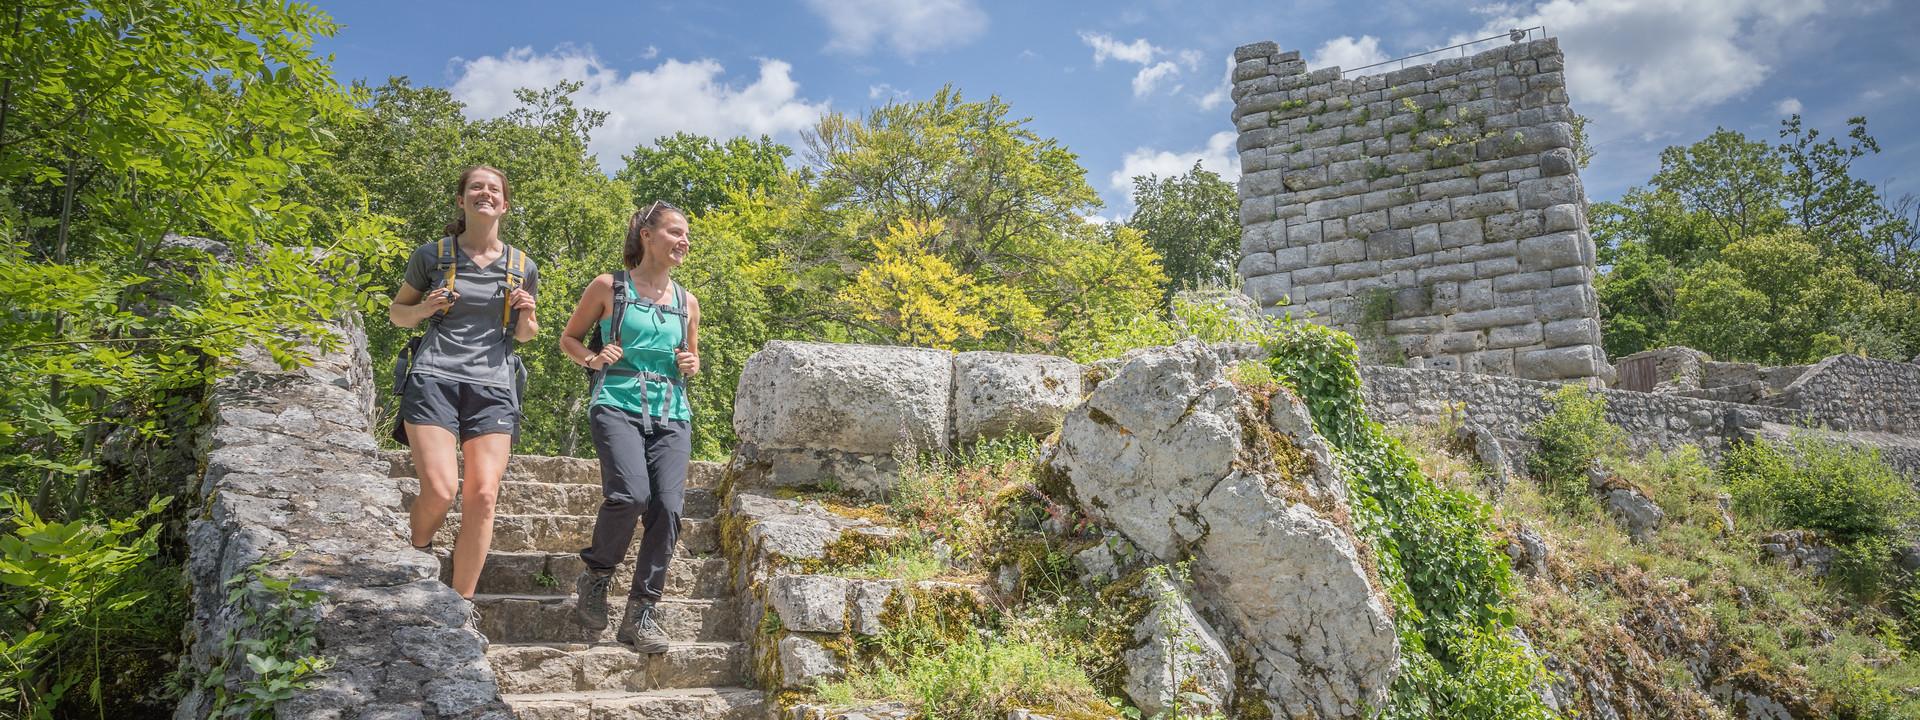 """Der Münsinger Premiumwanderweg """"hochgehswiggert"""" führt über die Burg Hohen Gundelfingen im Großen Lautertal im Biosphärengebiet Schwäbische Alb."""